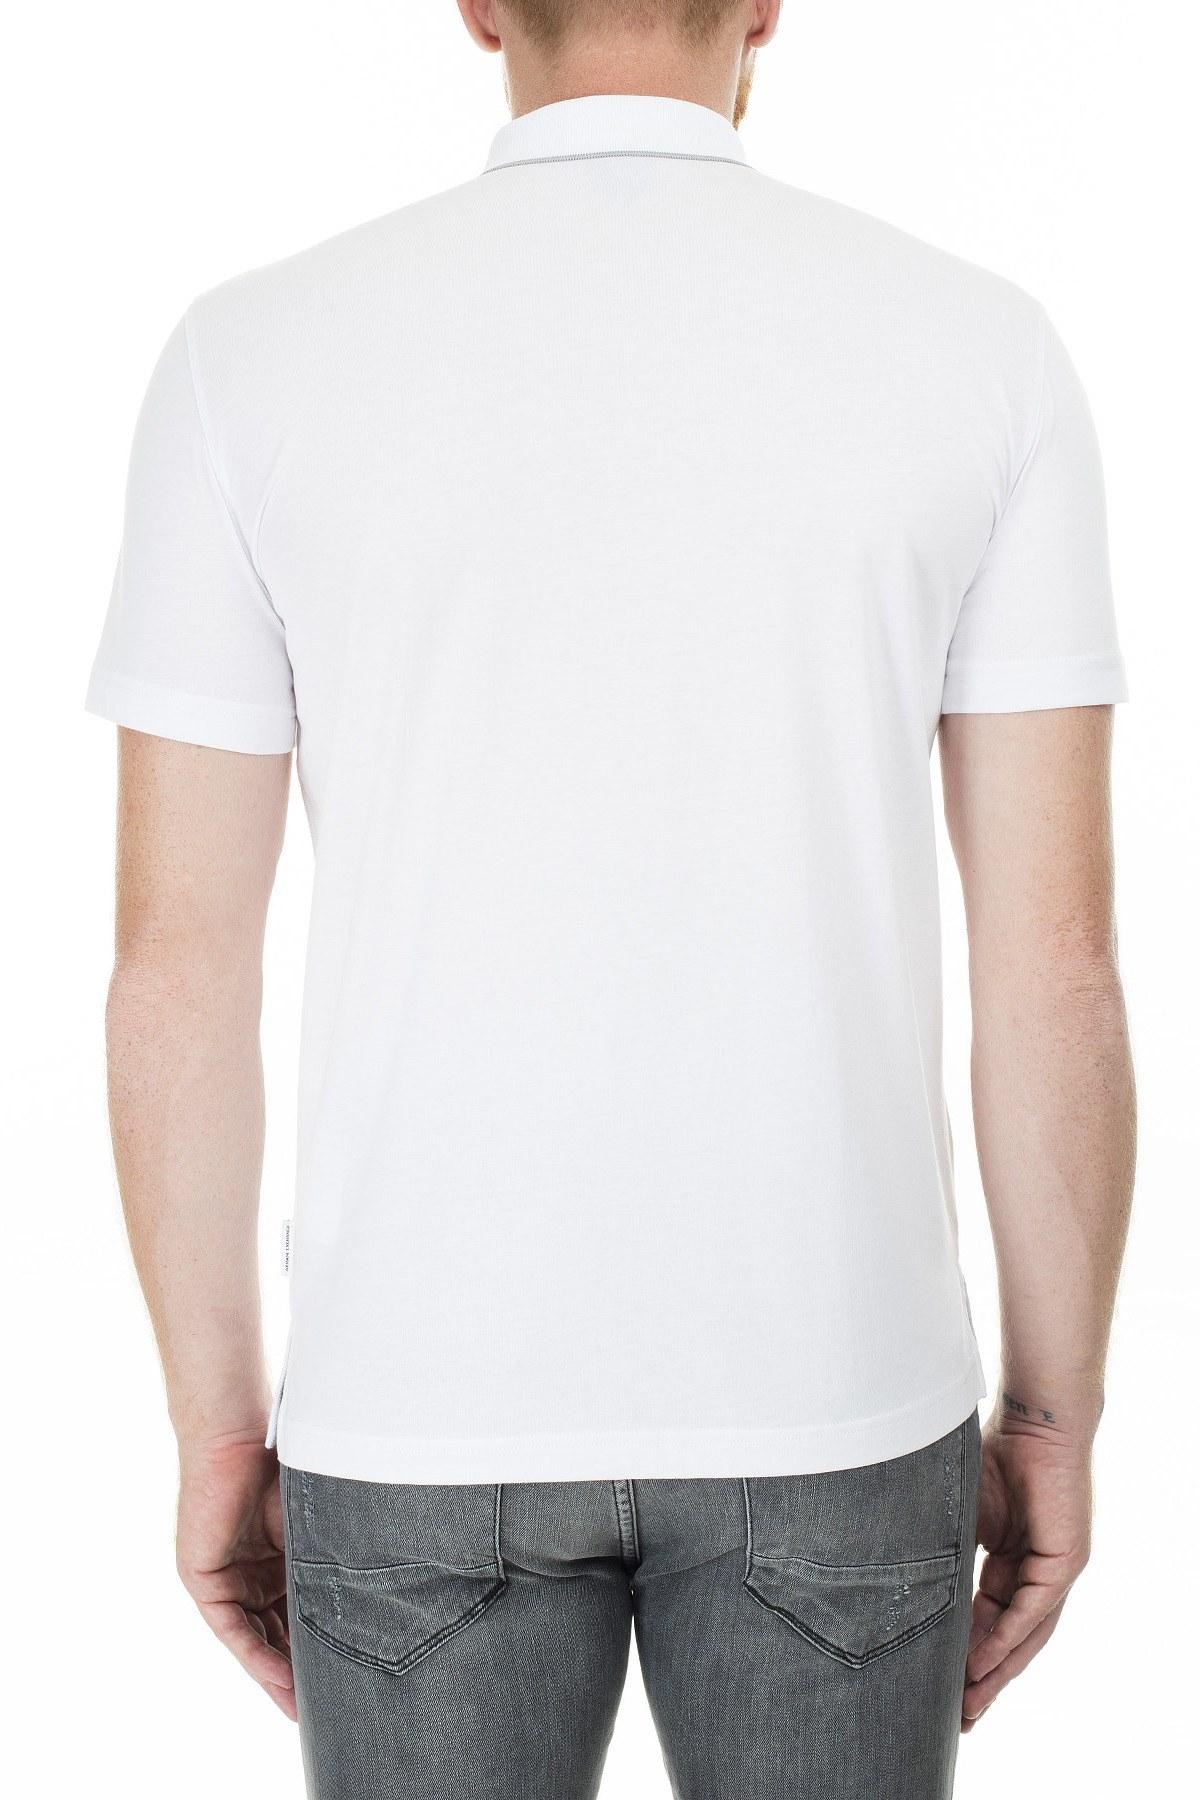 Armani Exchange Logo Baskılı Regular Fit Düğmeli T Shirt Erkek Polo 3HZFGA ZJH4Z 1100 BEYAZ